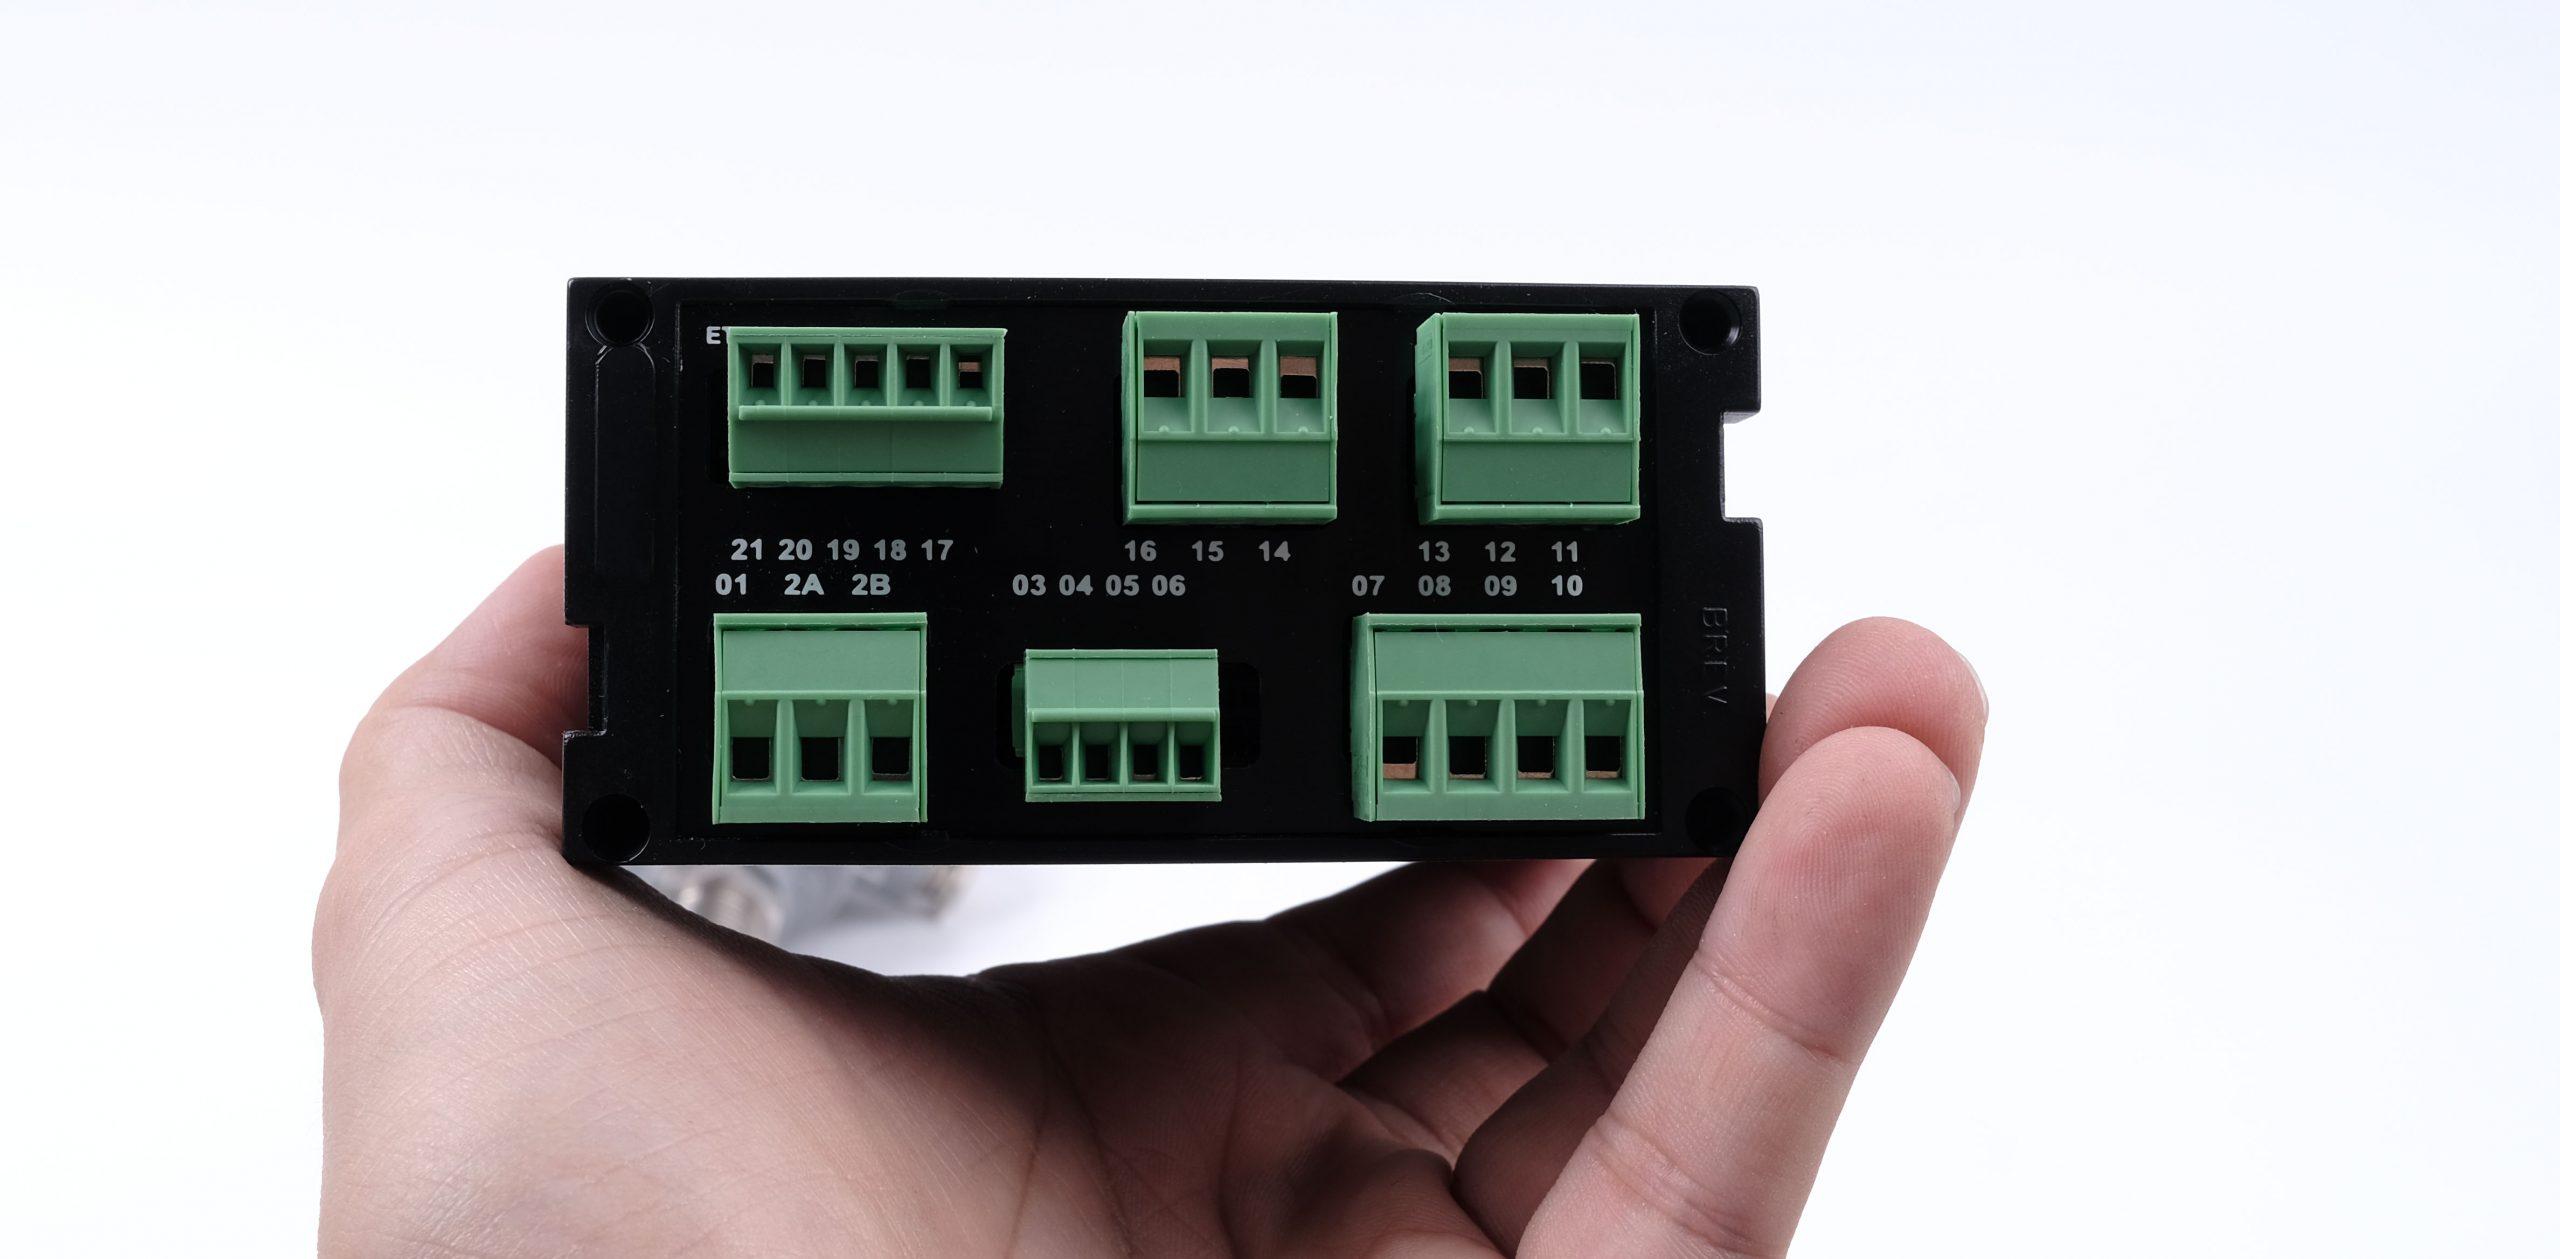 Mặt sau bộ hiển thị dòng điện S311A-4-H-O